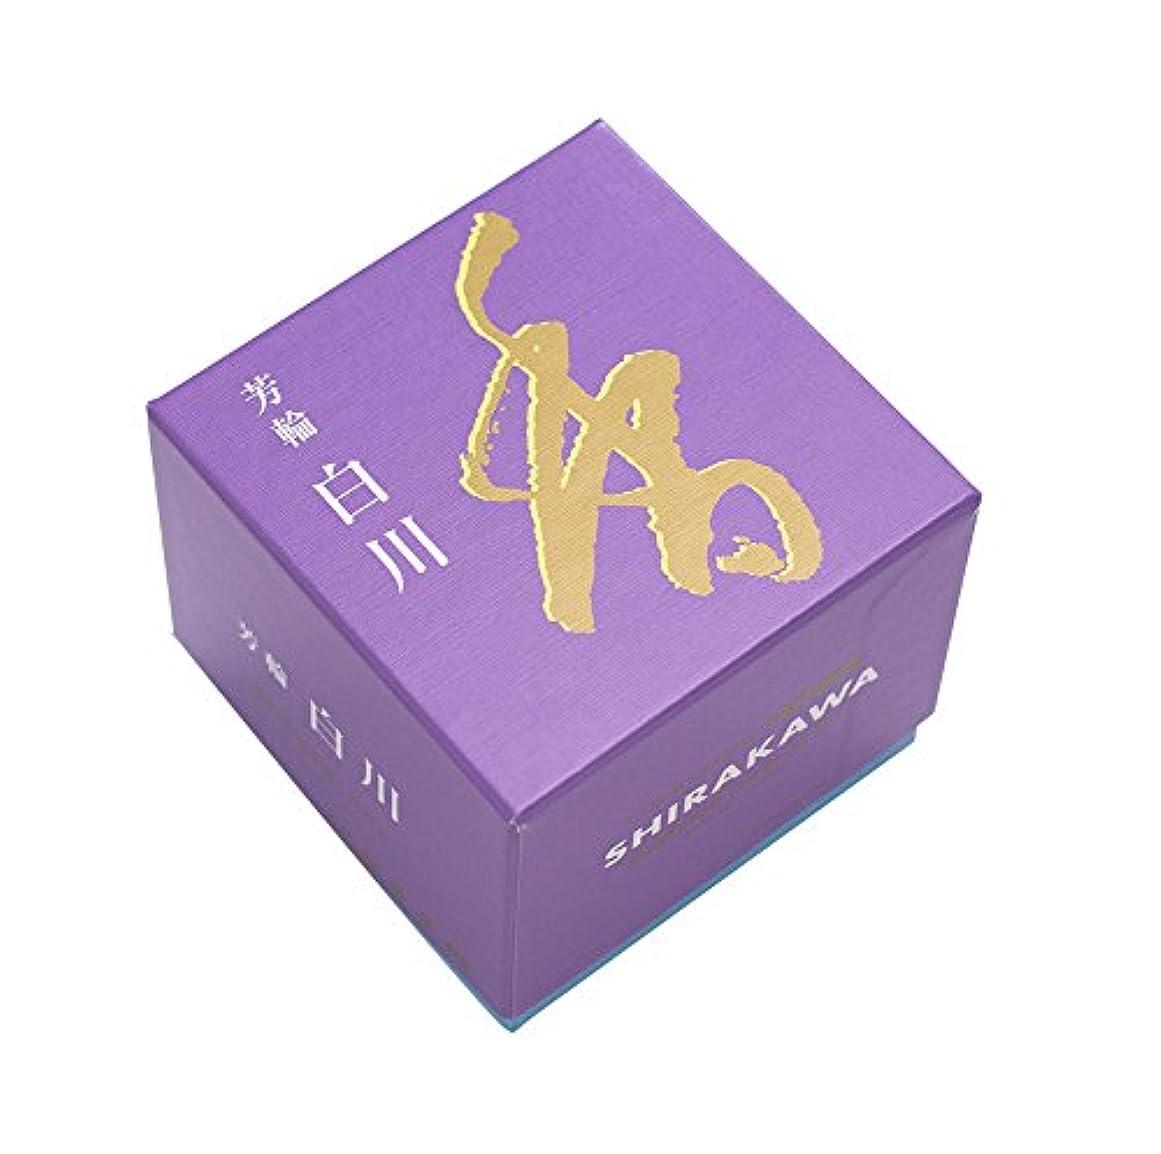 ポジティブ破滅サイト松栄堂のお香 芳輪白川 渦巻型10枚入 うてな角型付 #210621